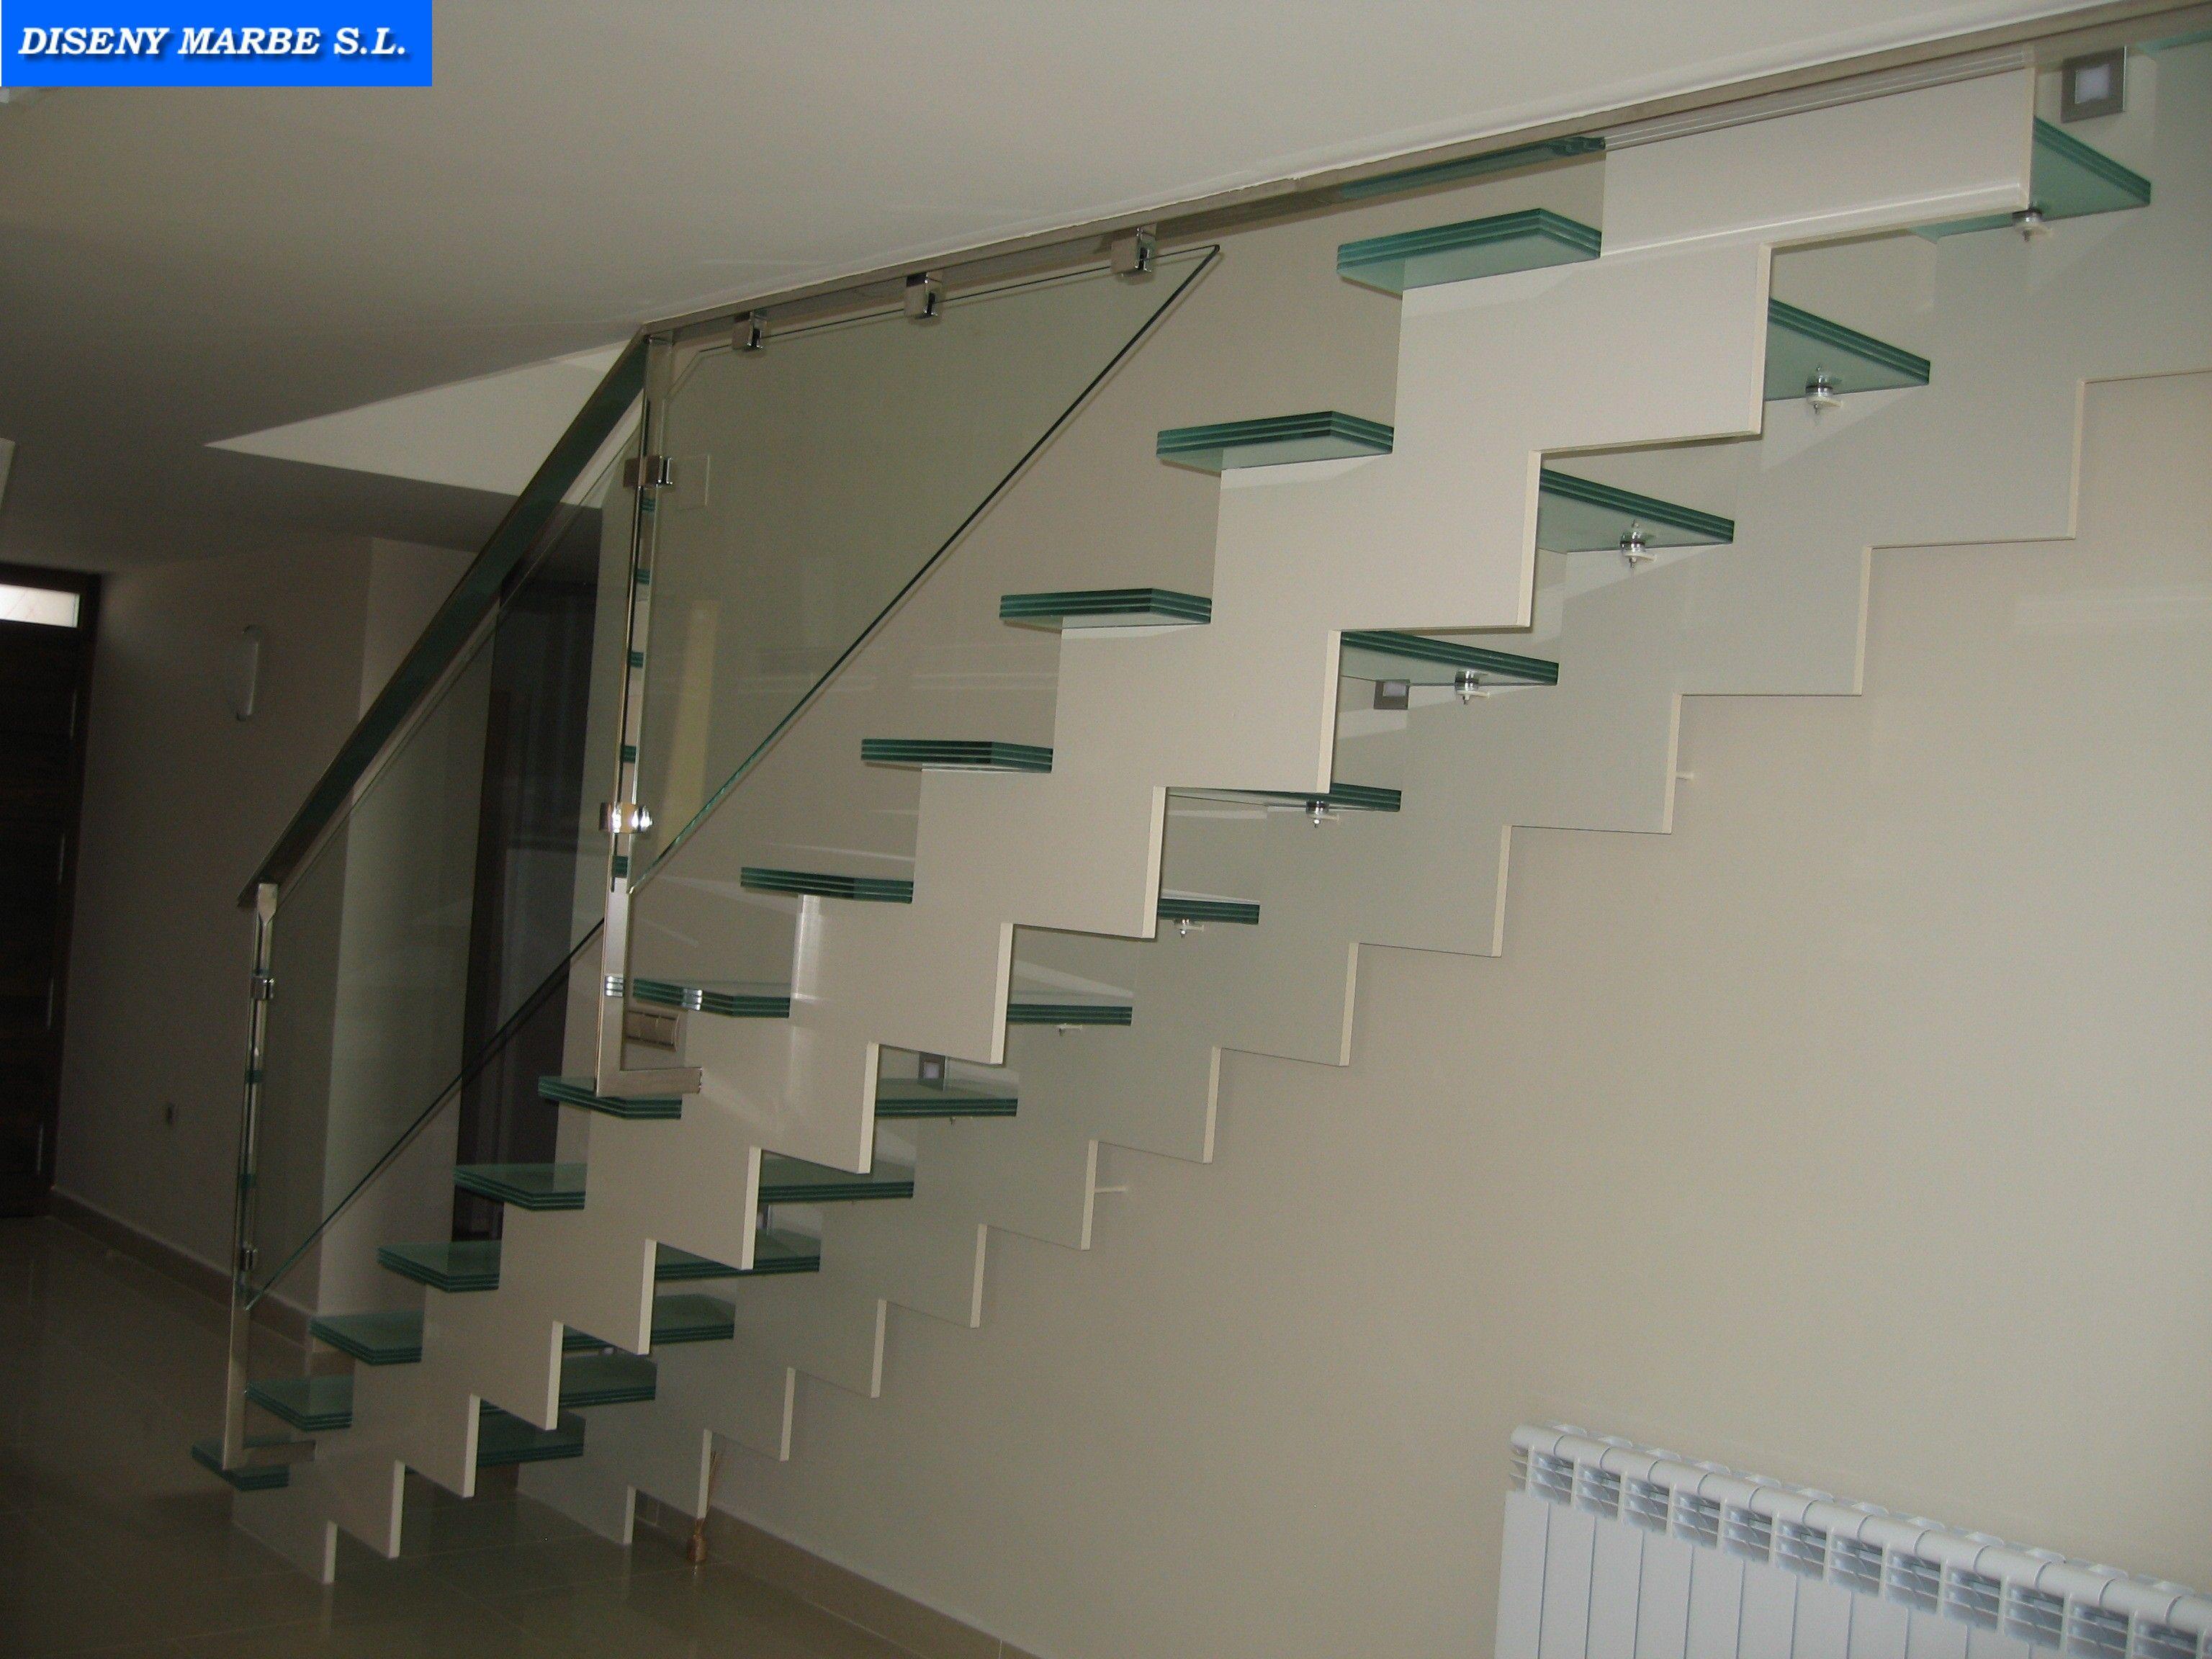 Barandilla de acero inoxidable con cristal laminar - Peldanos de escaleras ...